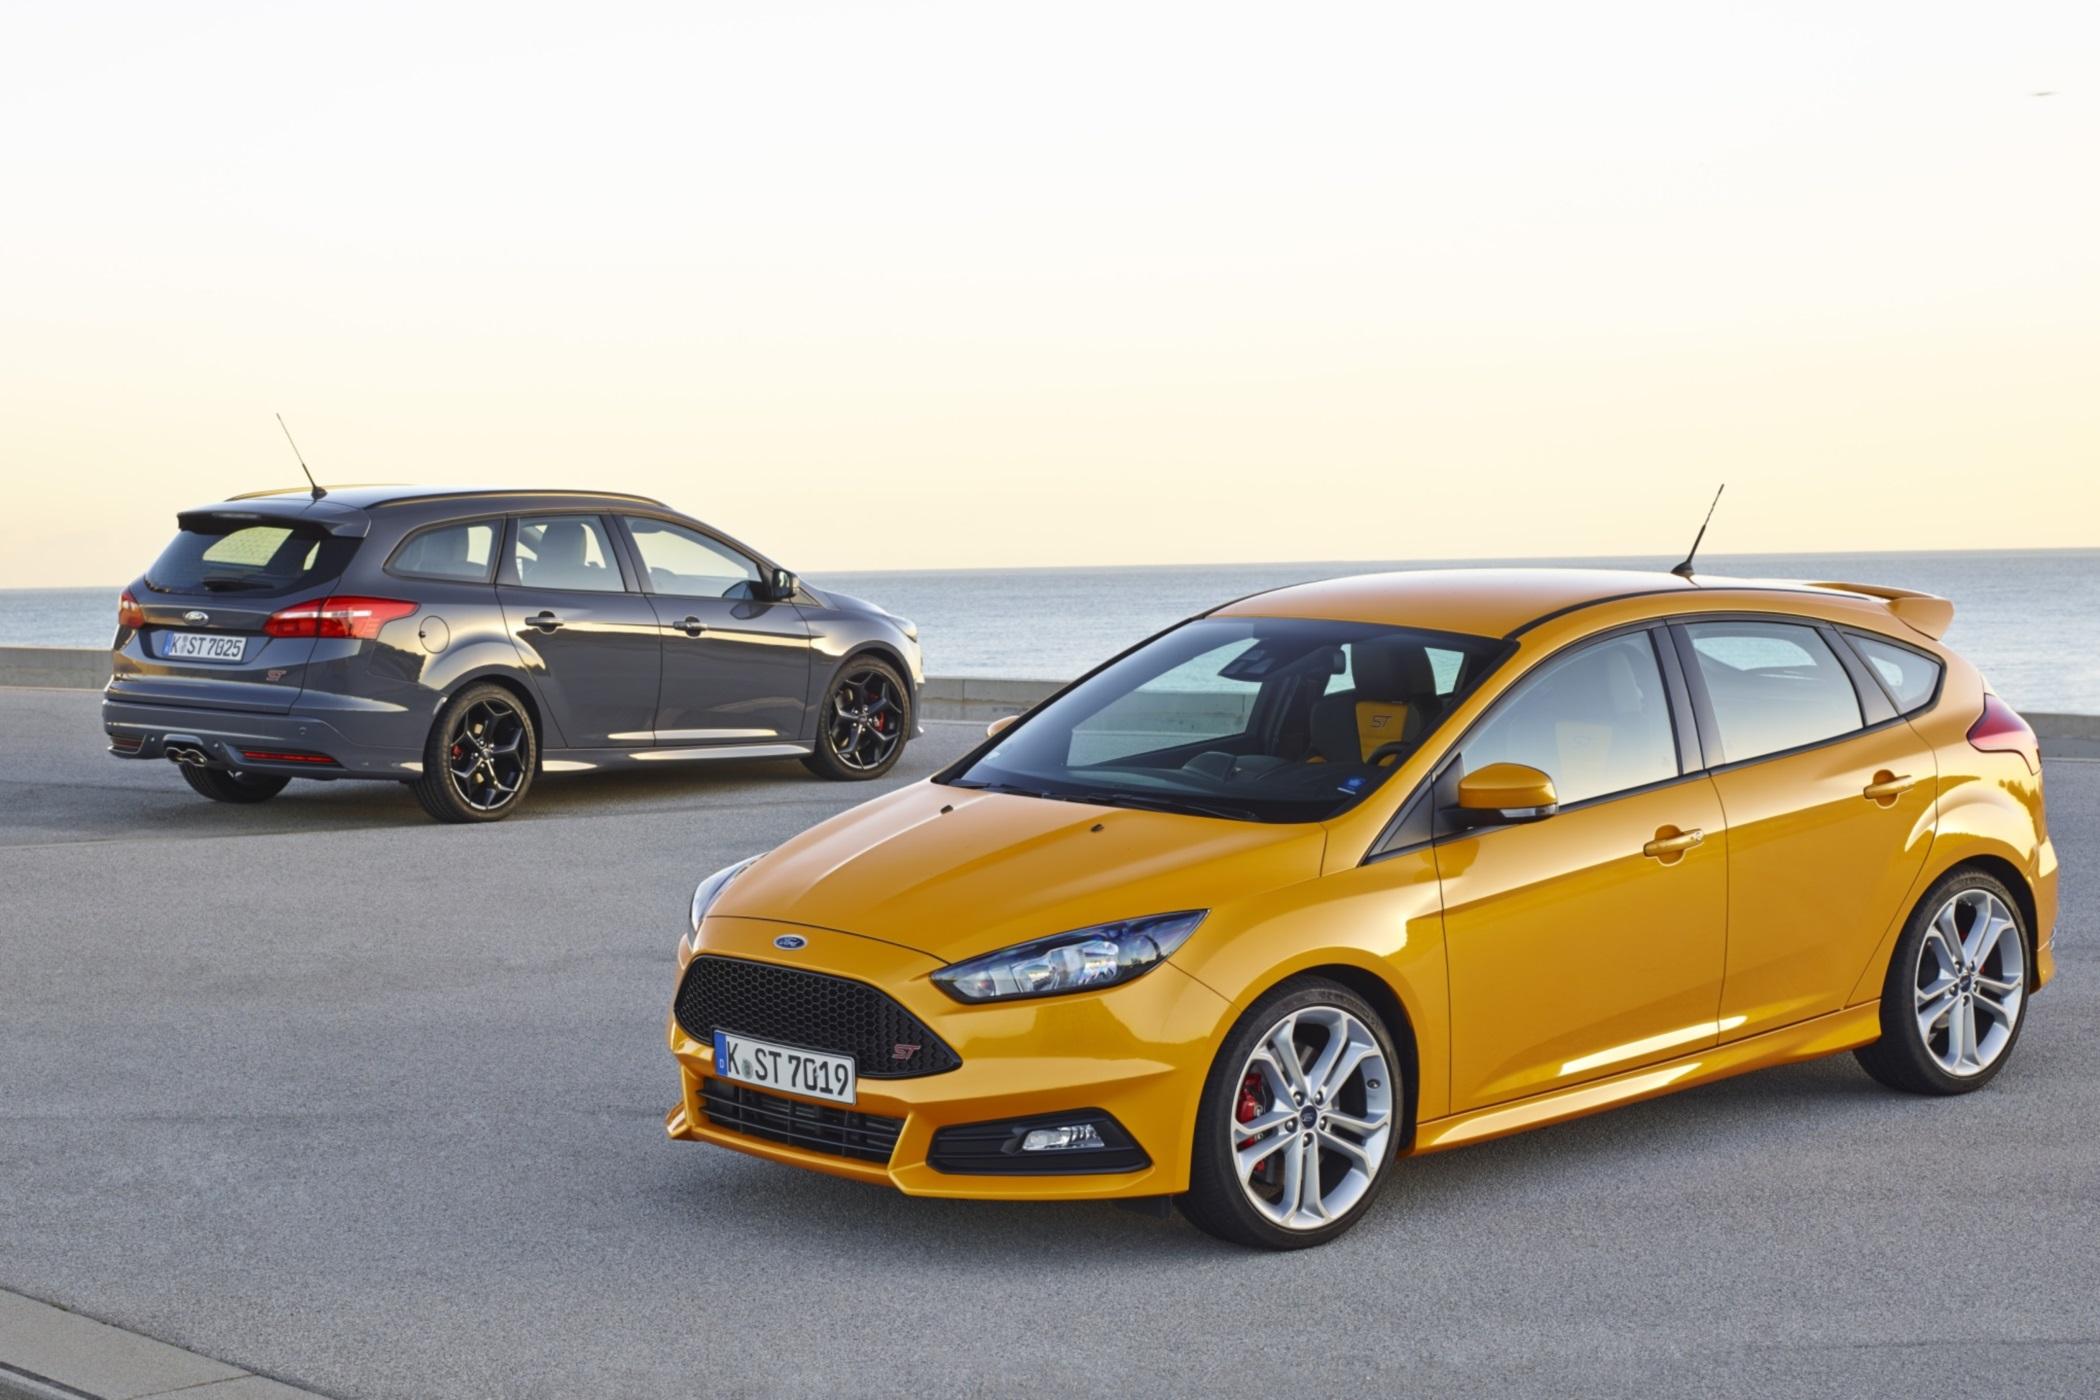 Gefragte Kompaktsportler auf dem Gebrauchtwagenmarkt: der seit 2012 hergestellte Ford Focus ST der dritten Generation.